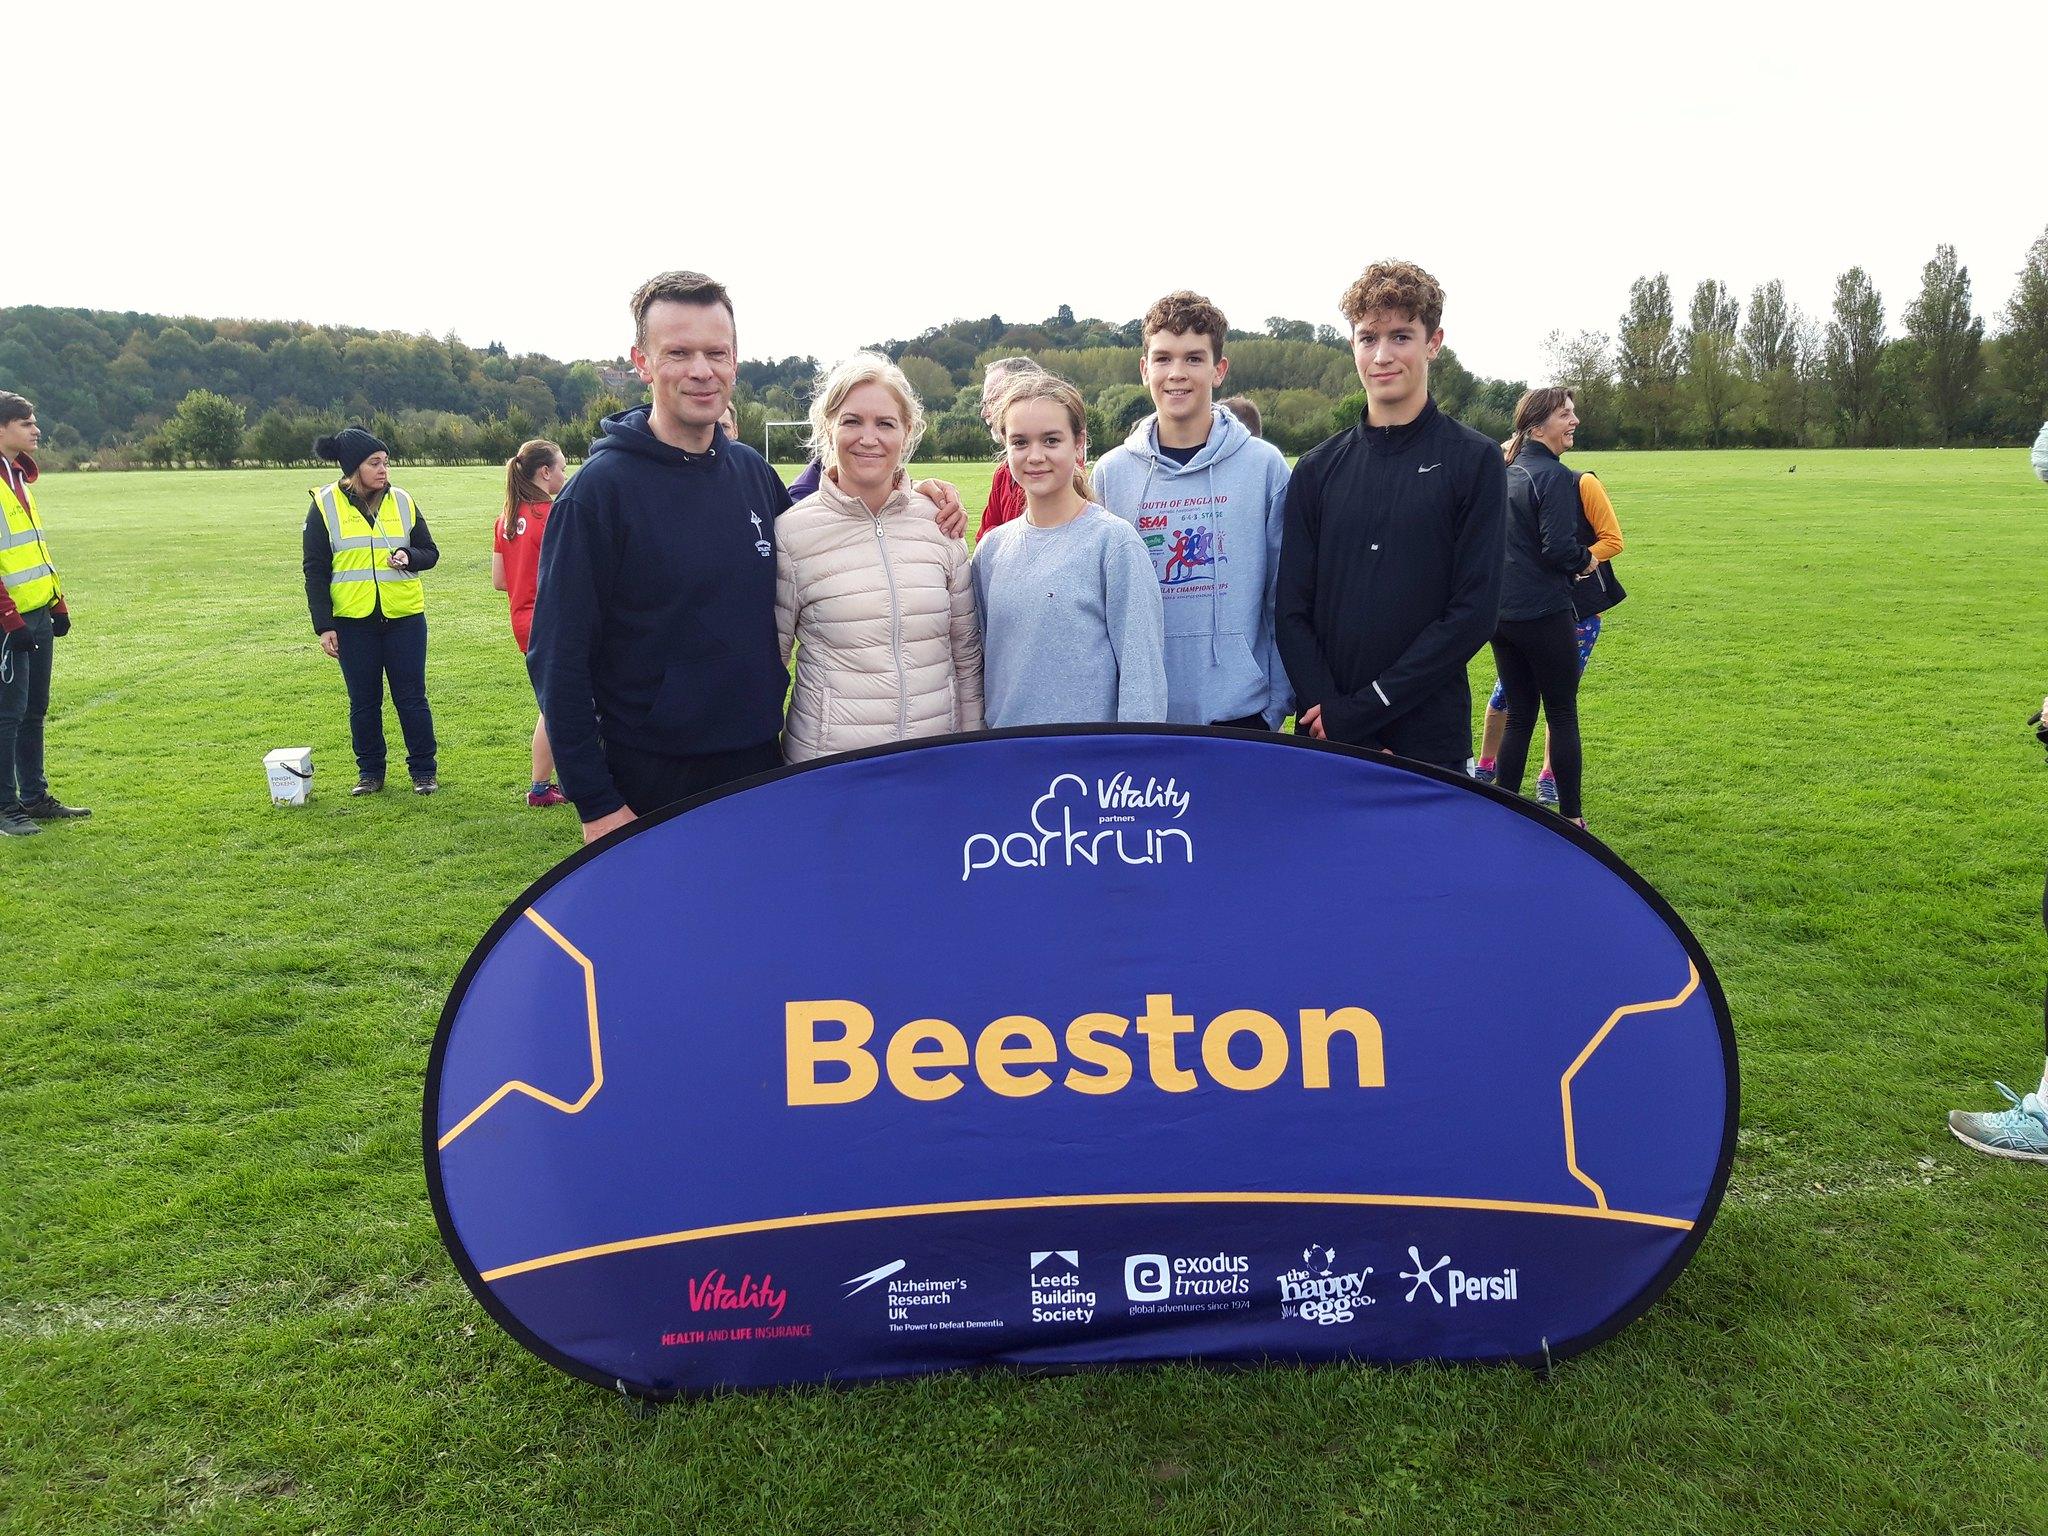 The Beeston family at Beeston Sat 19 October